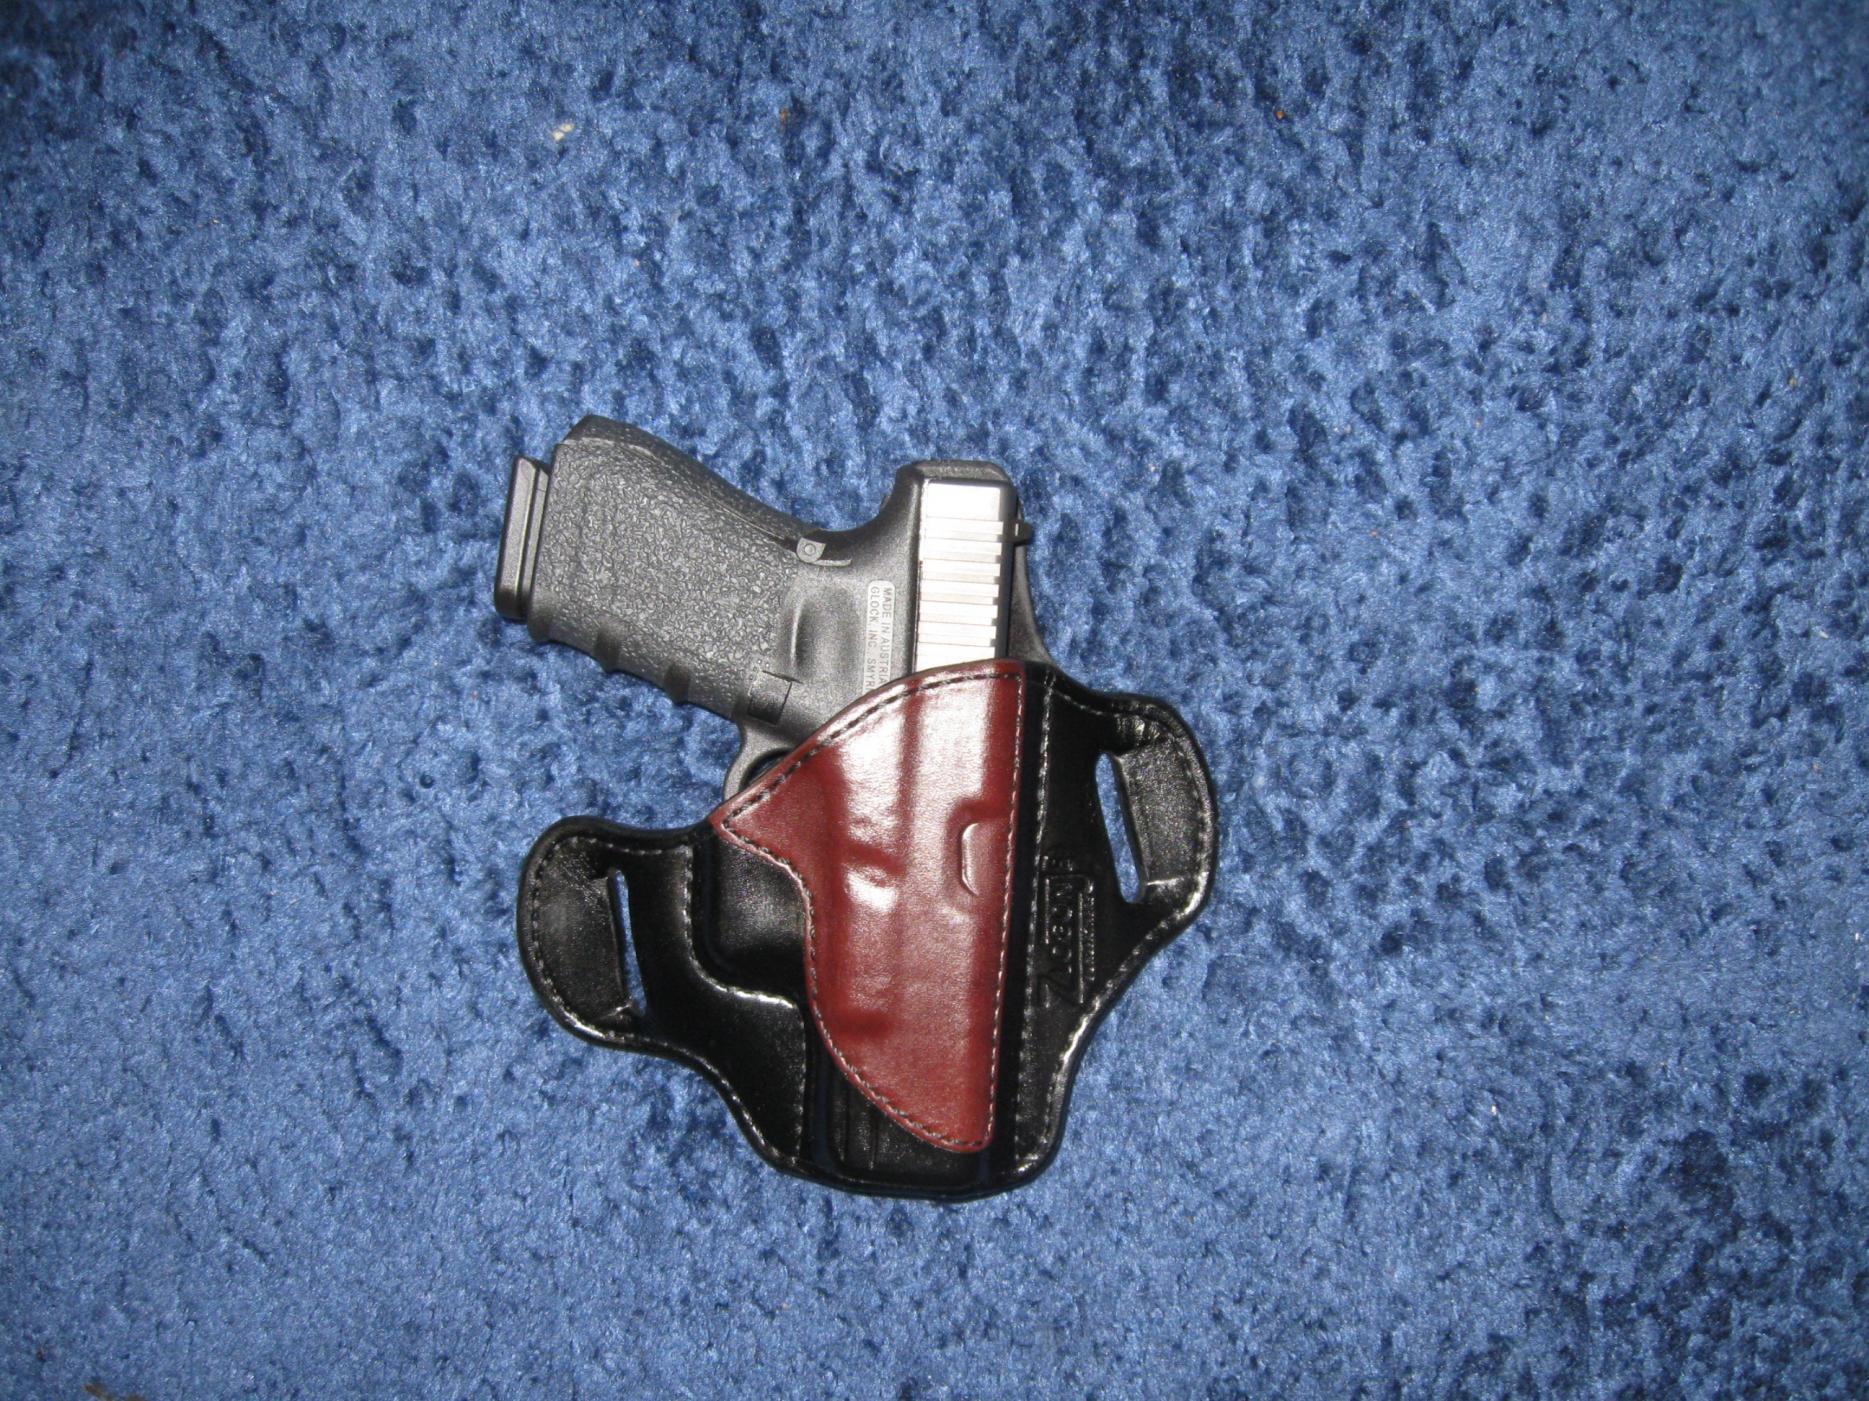 New holster for my G19-img_0637.jpg